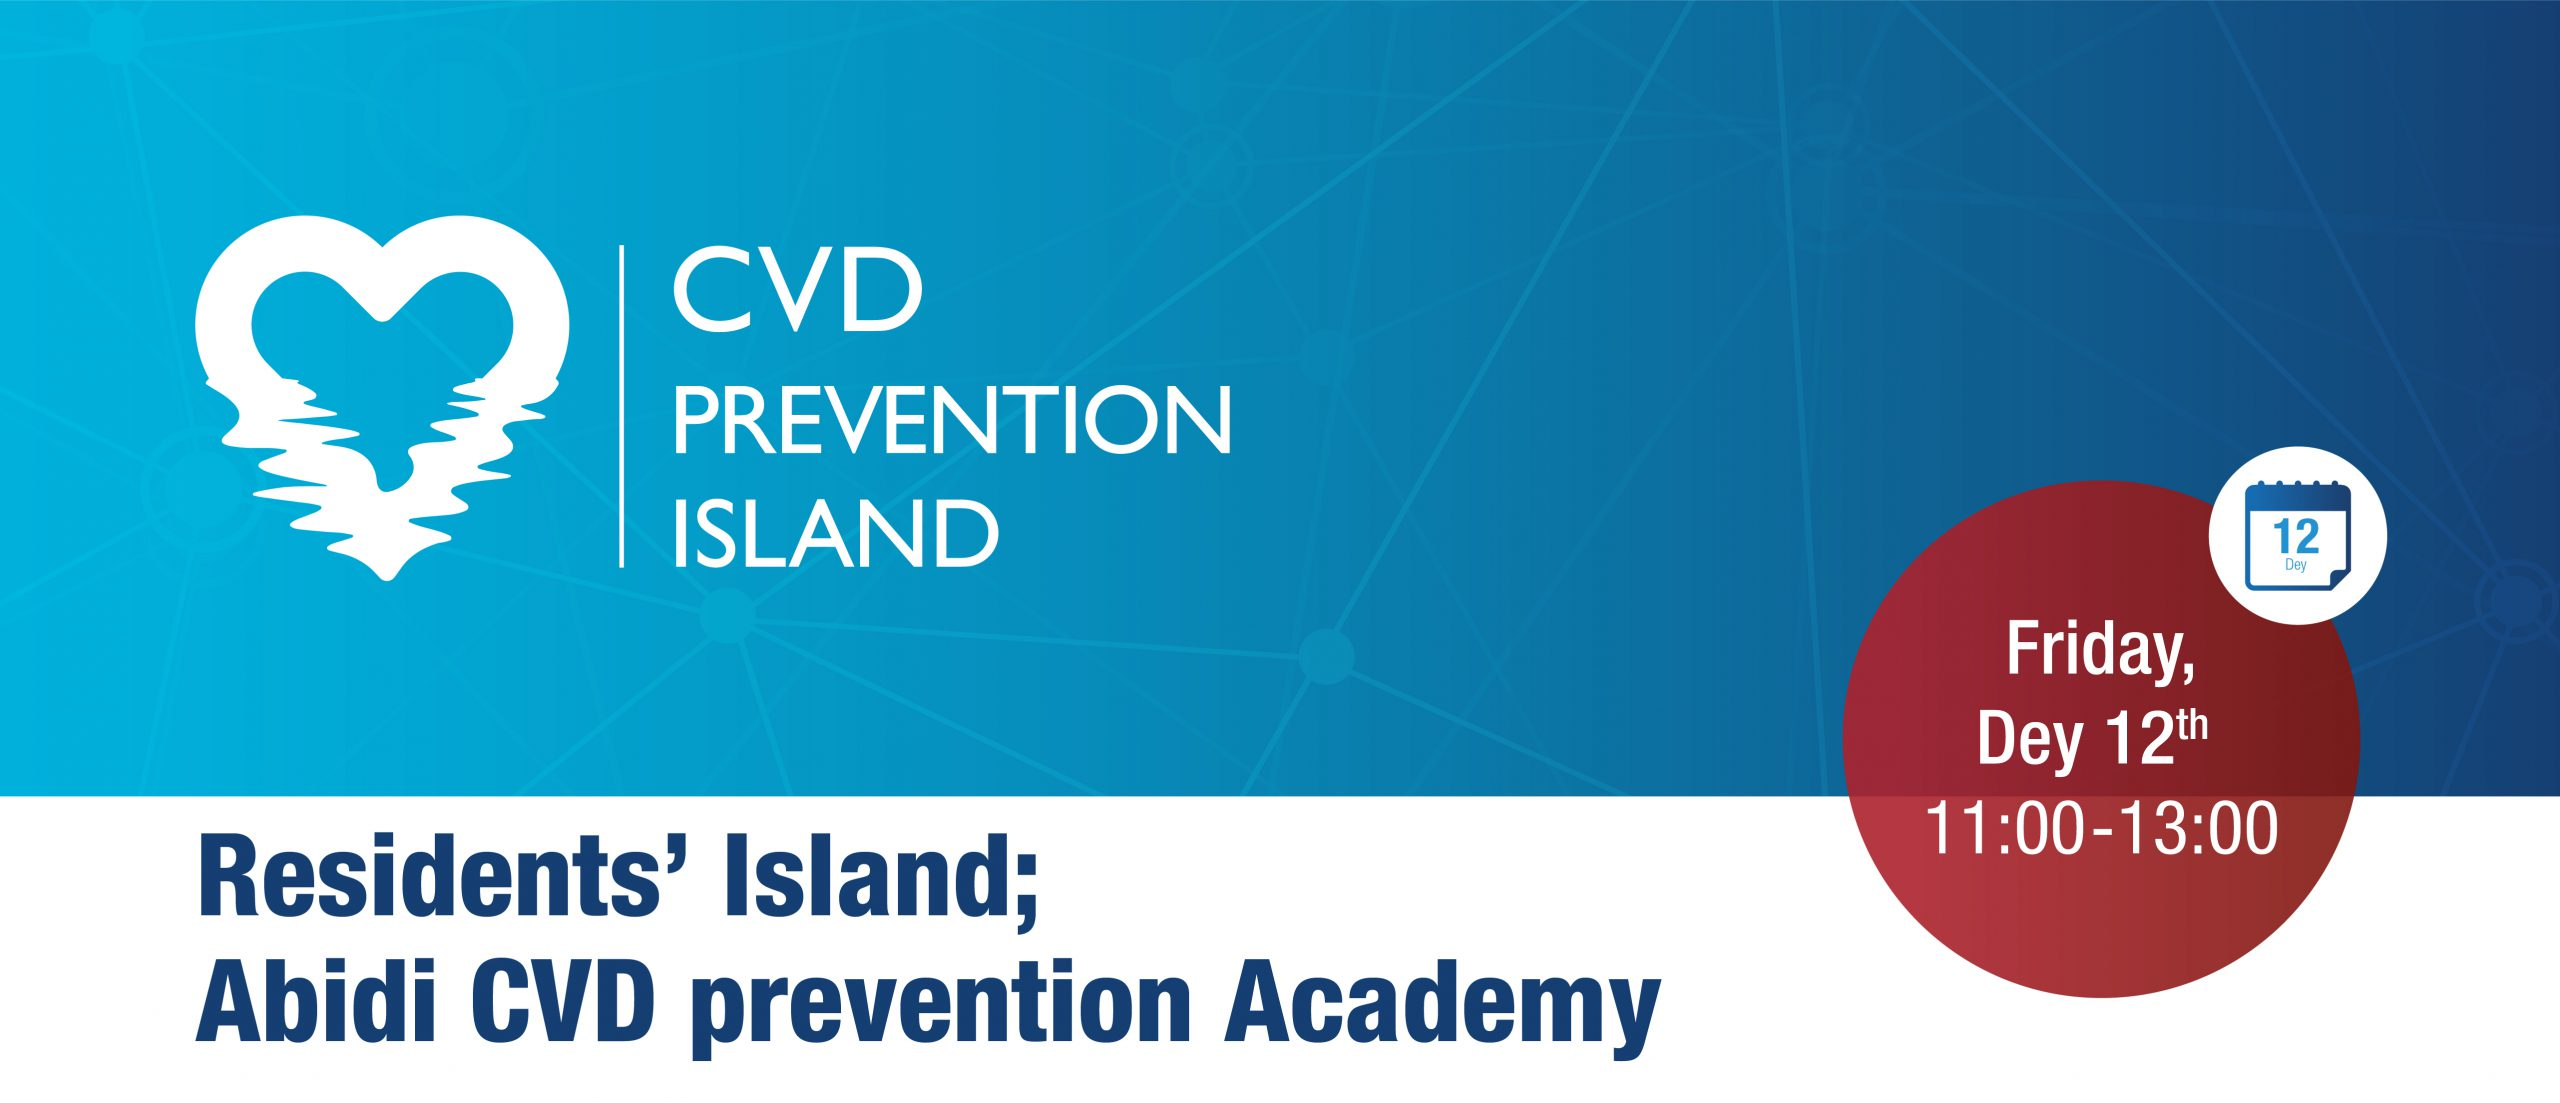 Residents' Island; Abidi CVD Prevention Academy